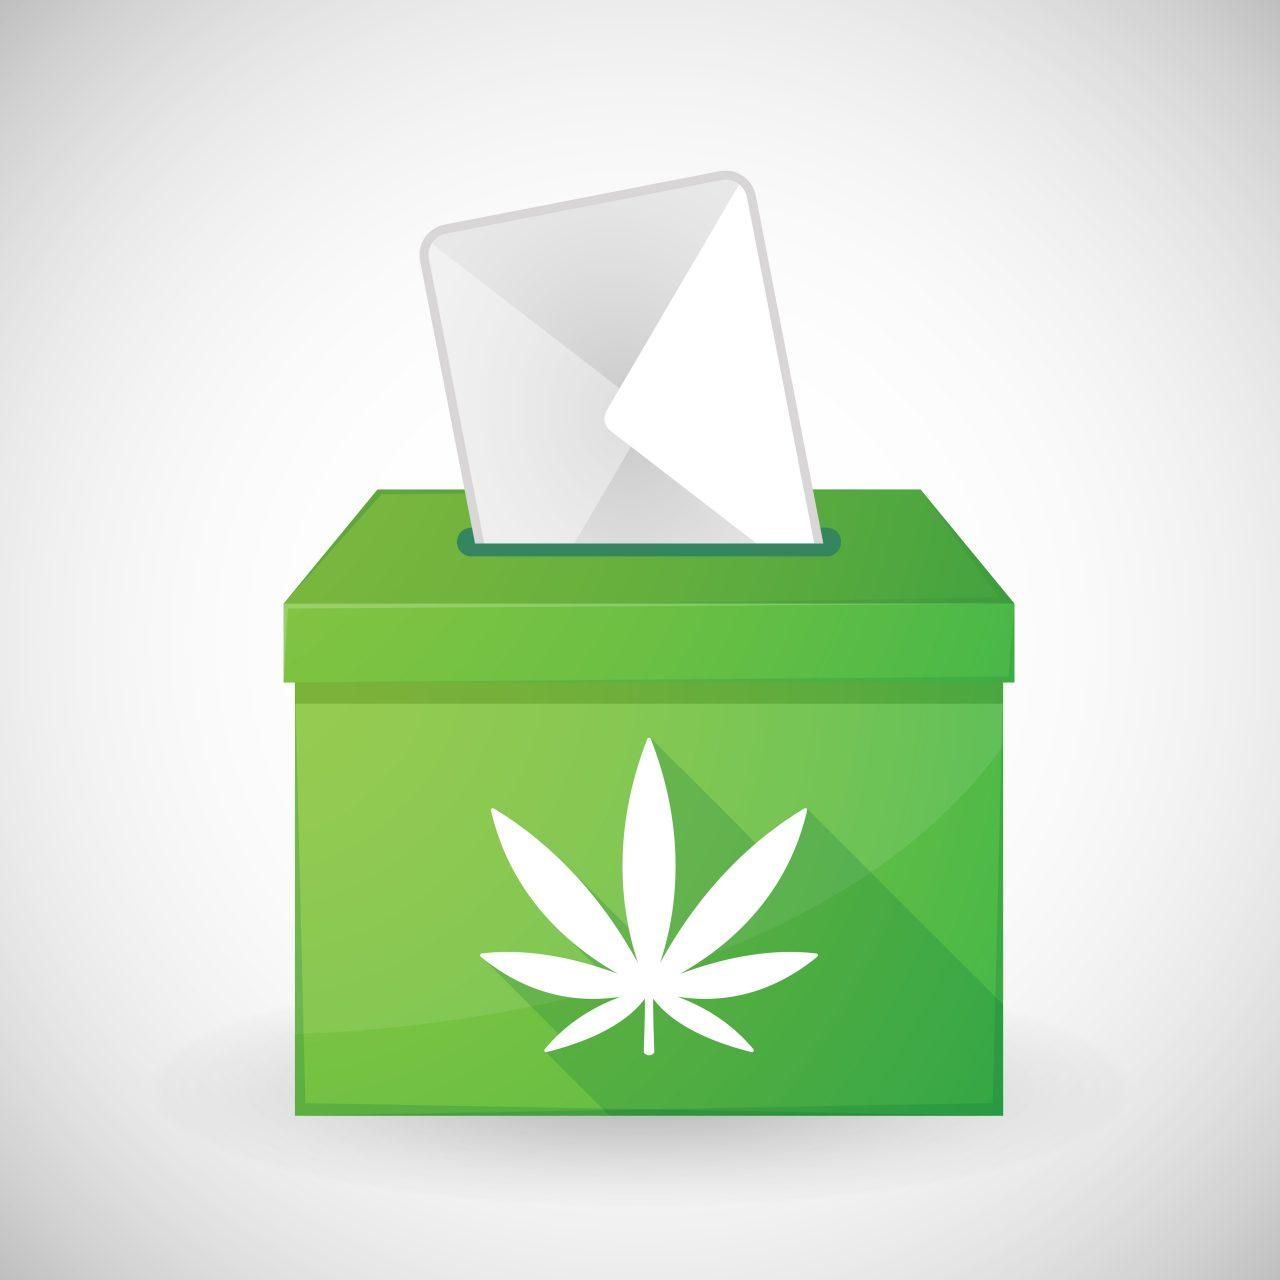 Vote-1280x1280.jpg